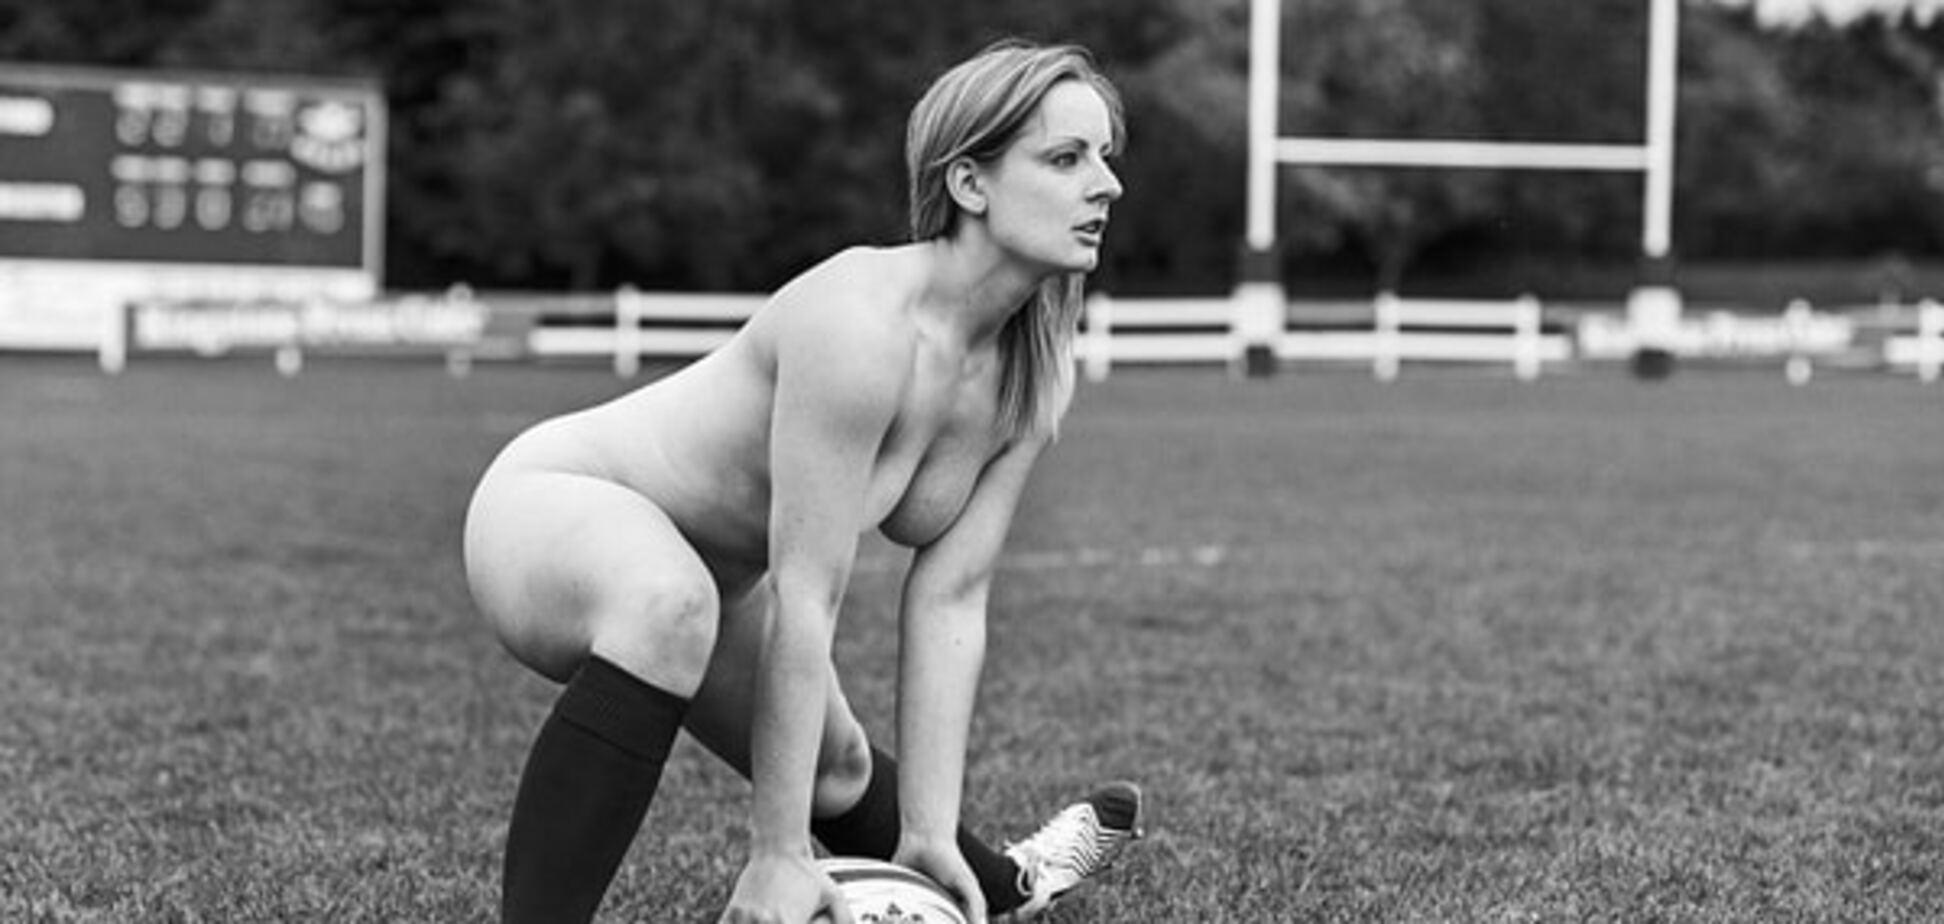 Английские регбистки поразили соцсети обнаженными фото